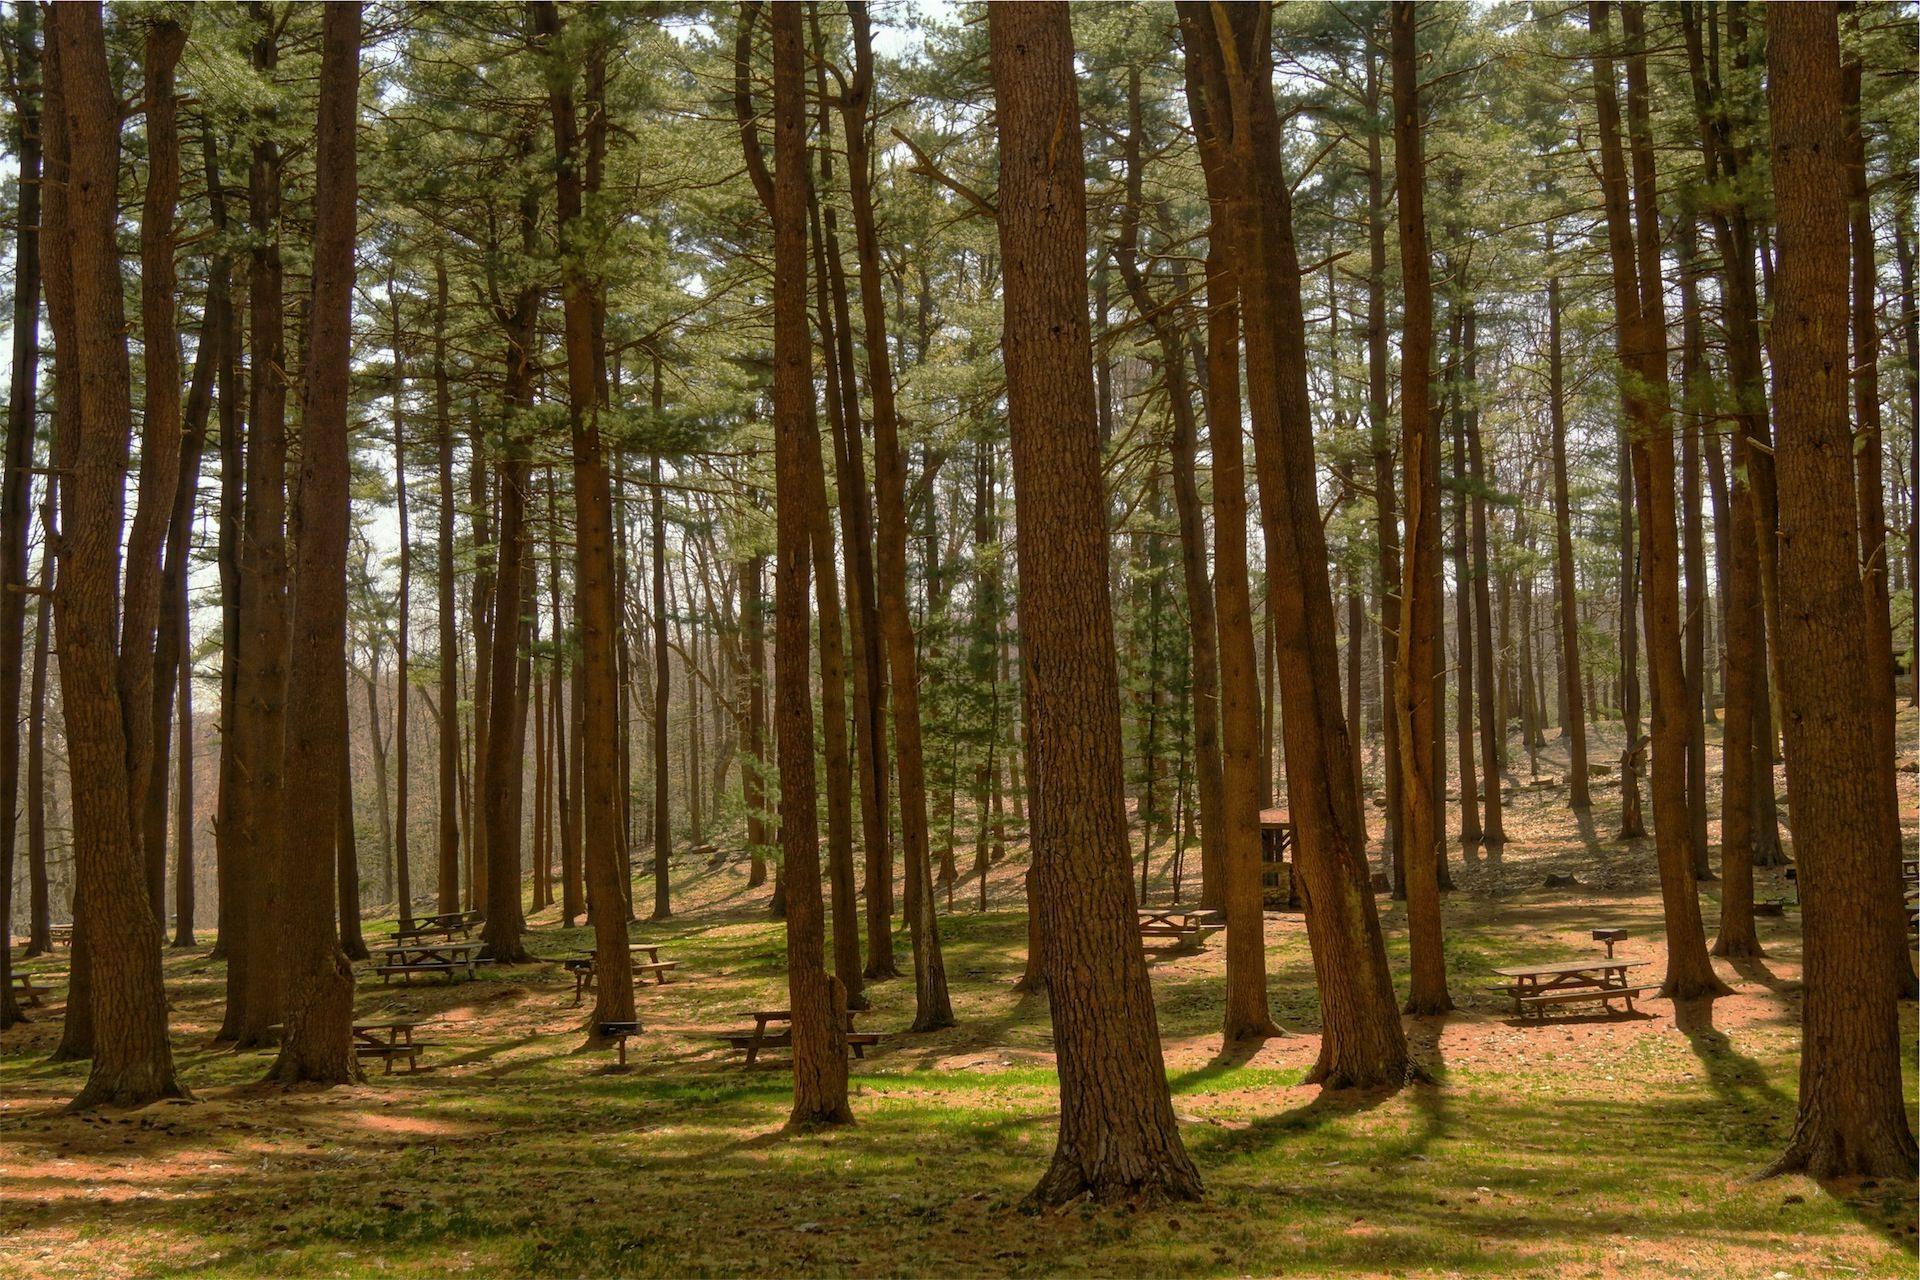 森林, 树木, 字段, 野餐区, 座位 - 高清壁纸 - 教授-falken.com